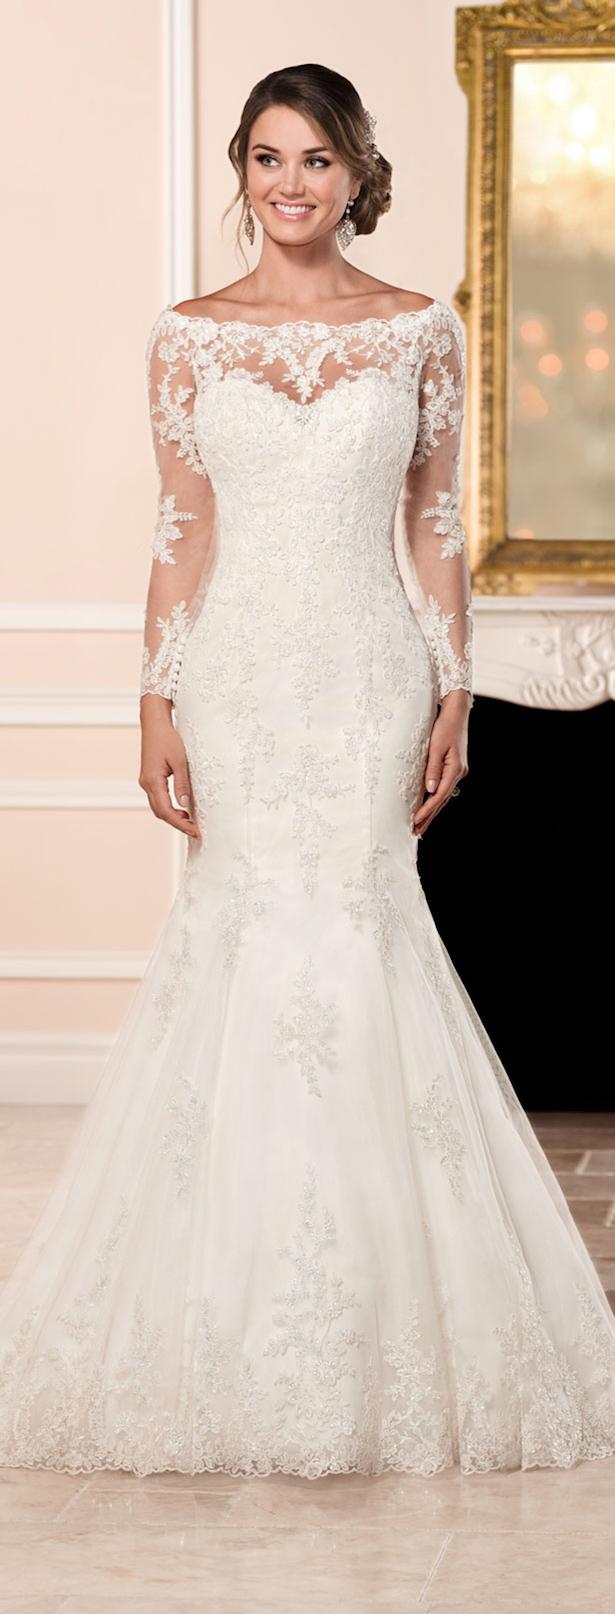 monique lhuillier short wedding dresses photo - 1